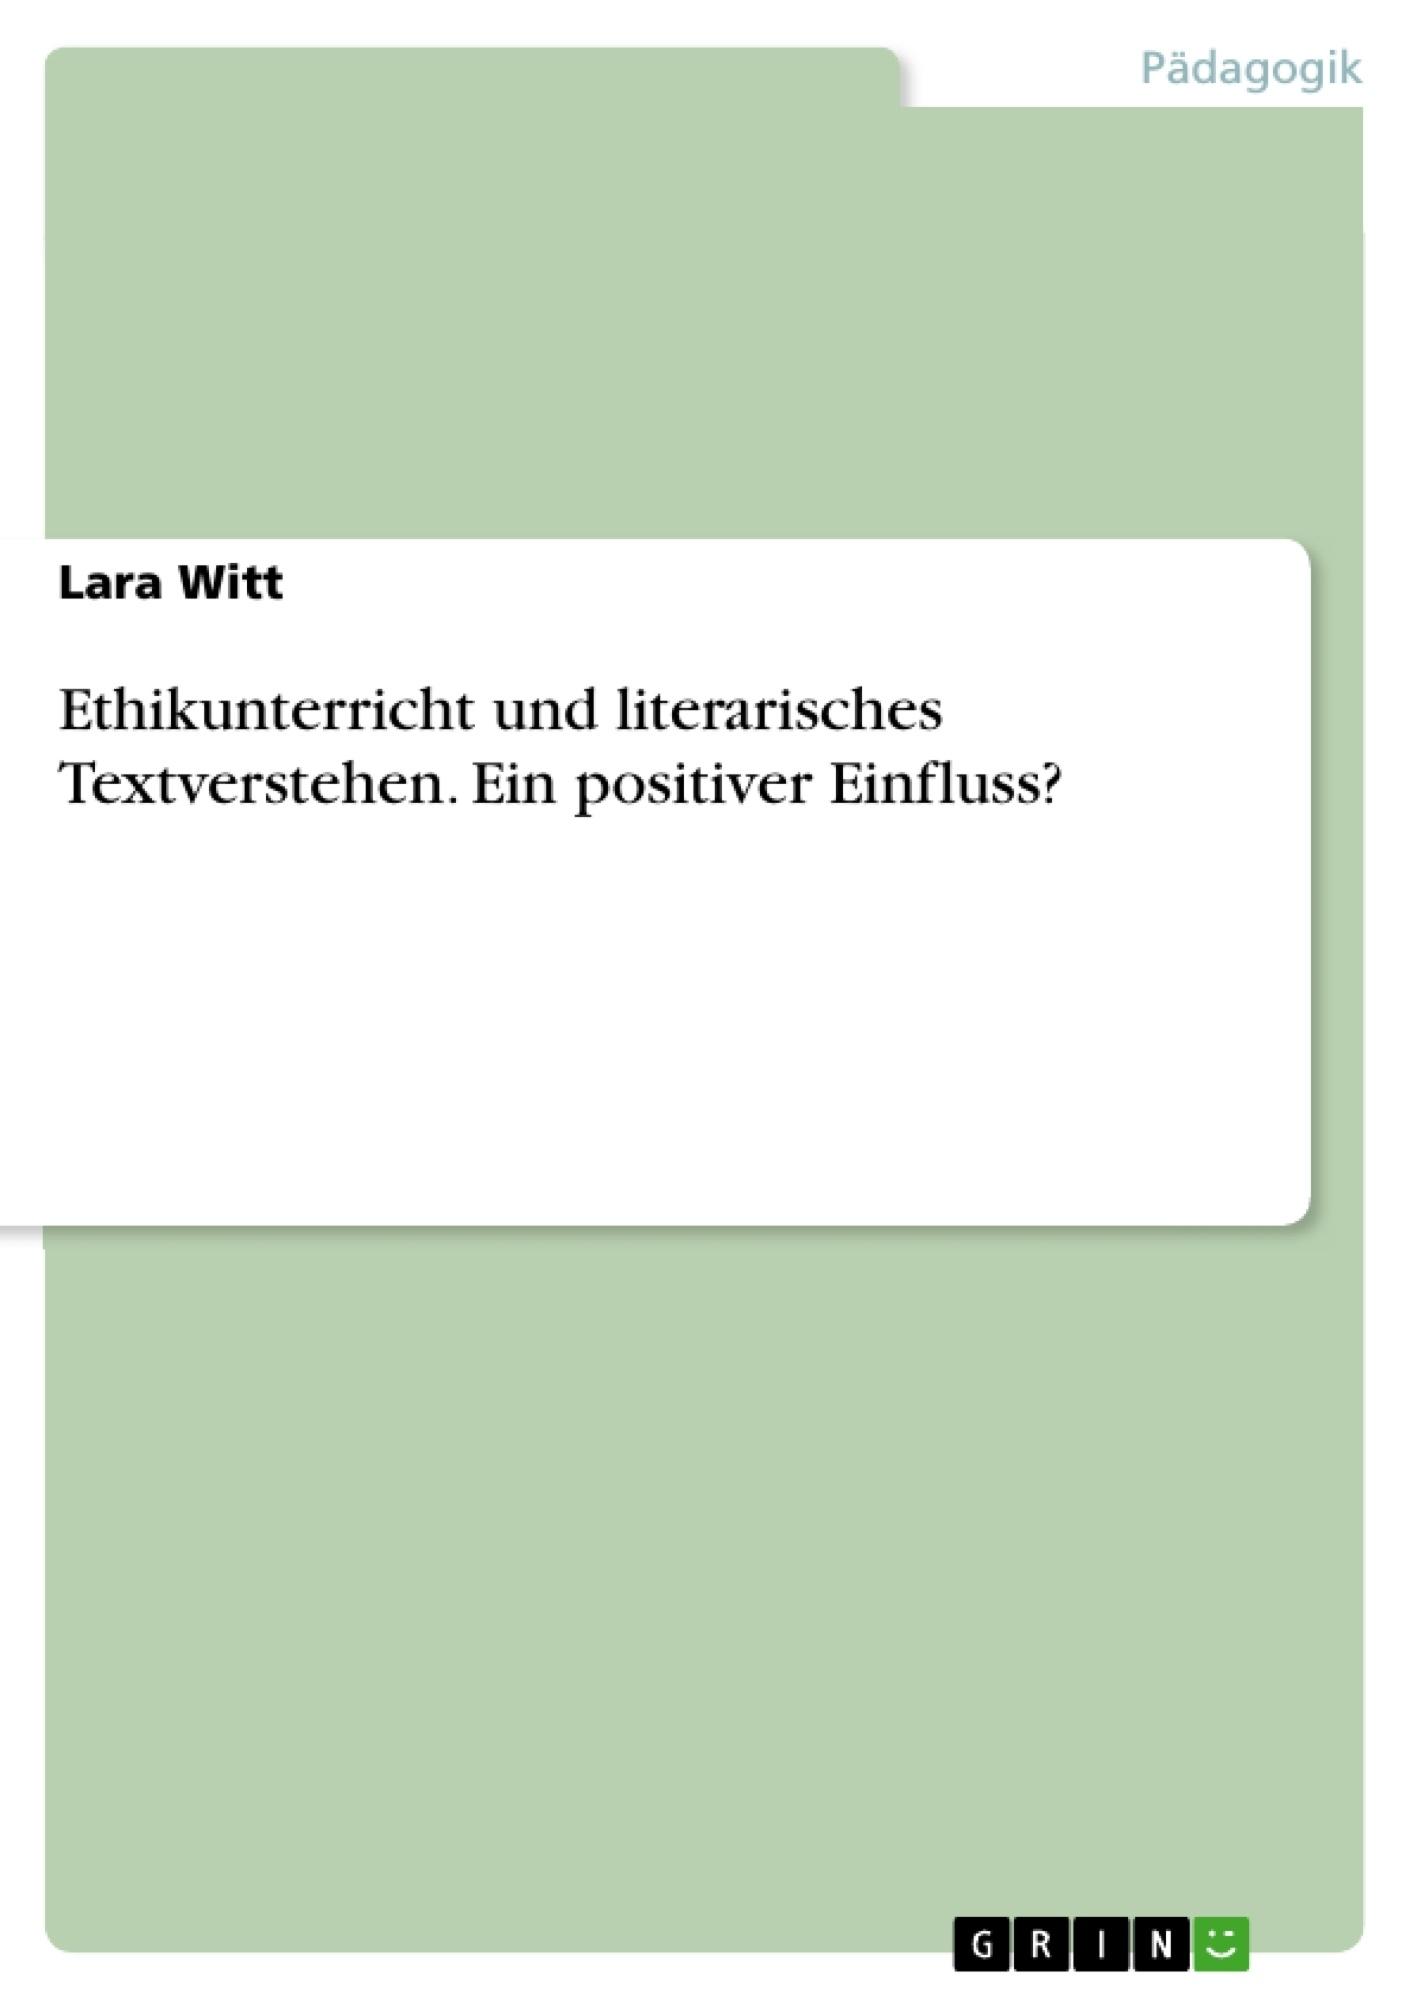 Titel: Ethikunterricht und literarisches Textverstehen. Ein positiver Einfluss?